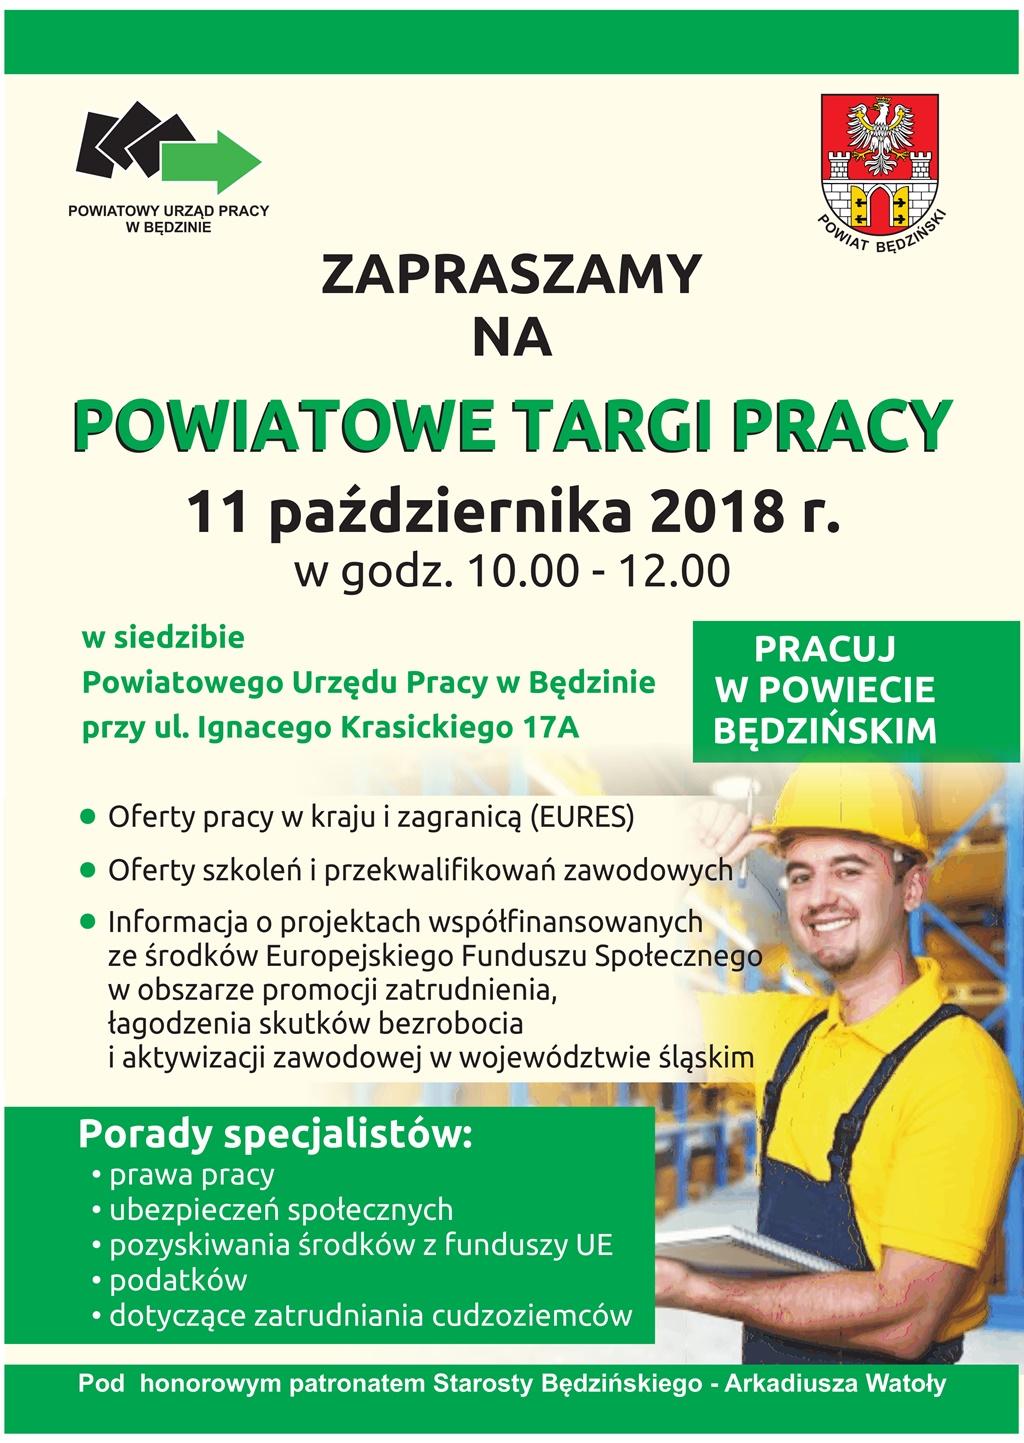 Targi Pracy - fot. mat. pras.